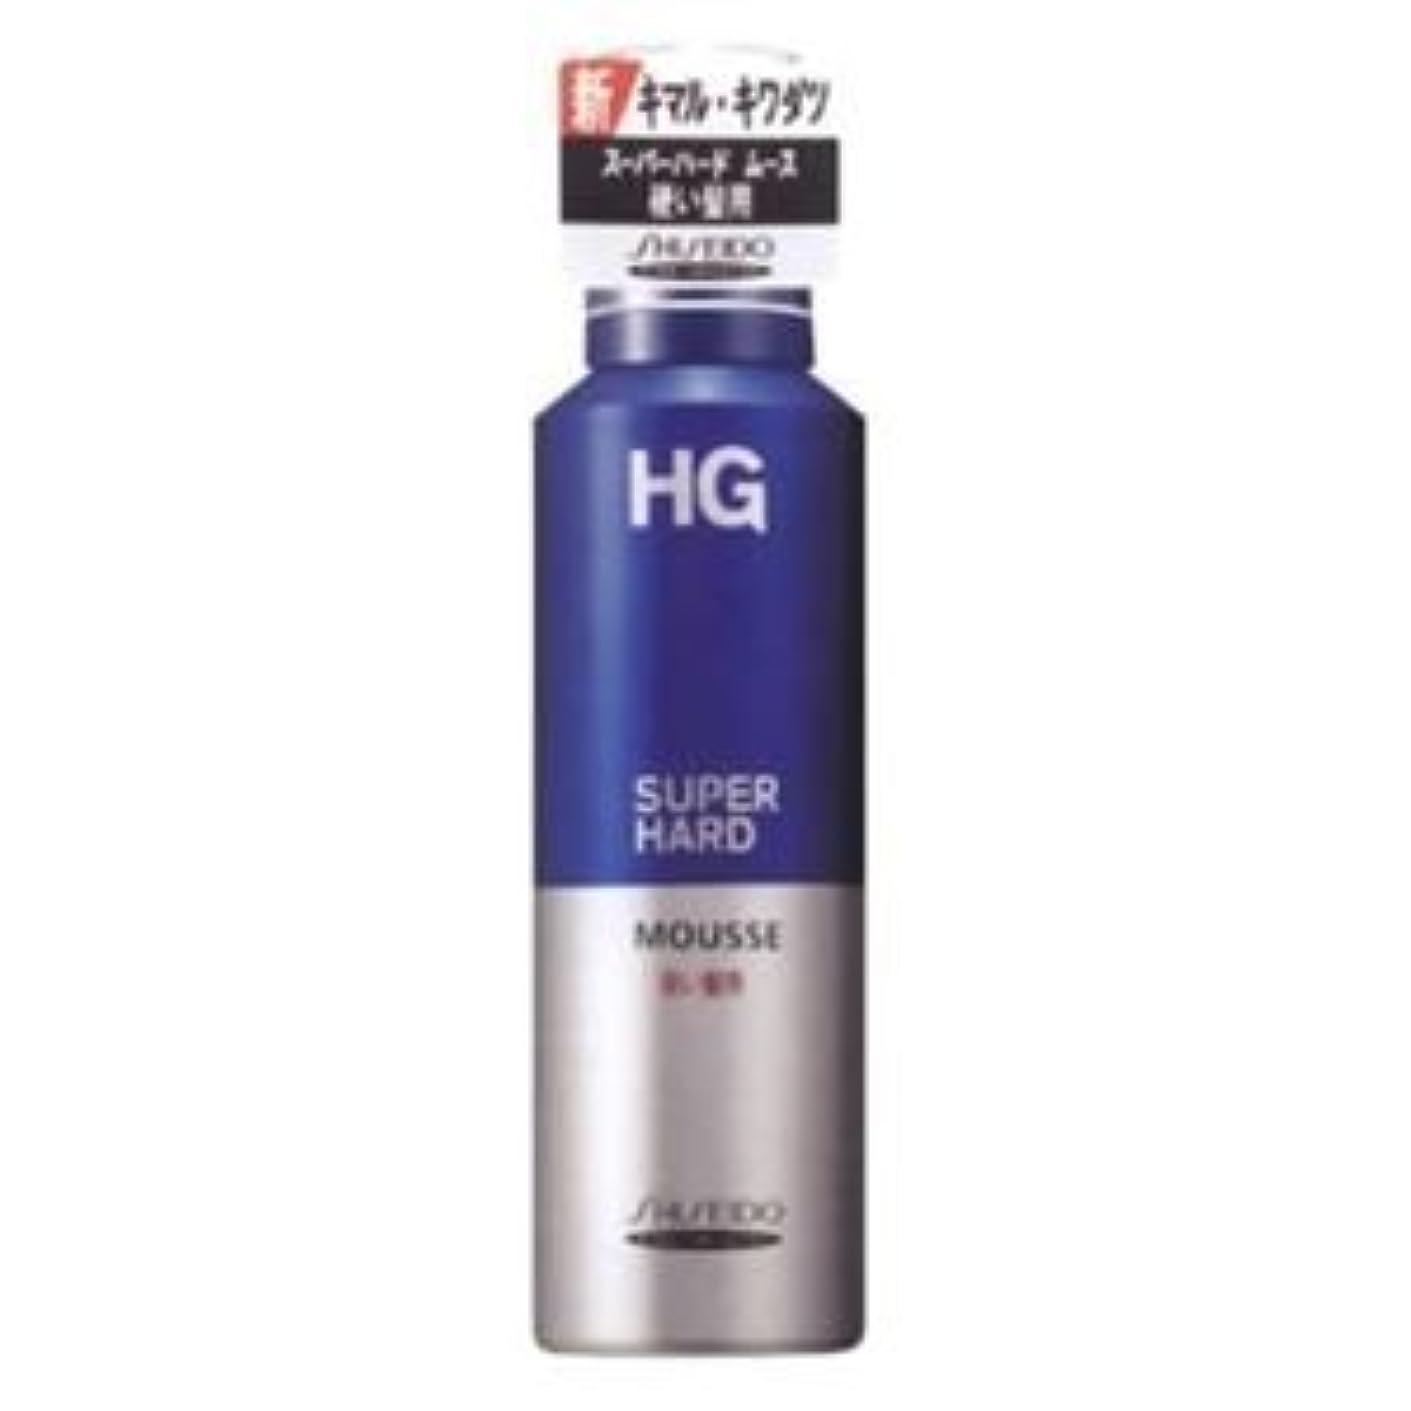 認める補体インタラクションHG スーパーハードムース 硬い髪用